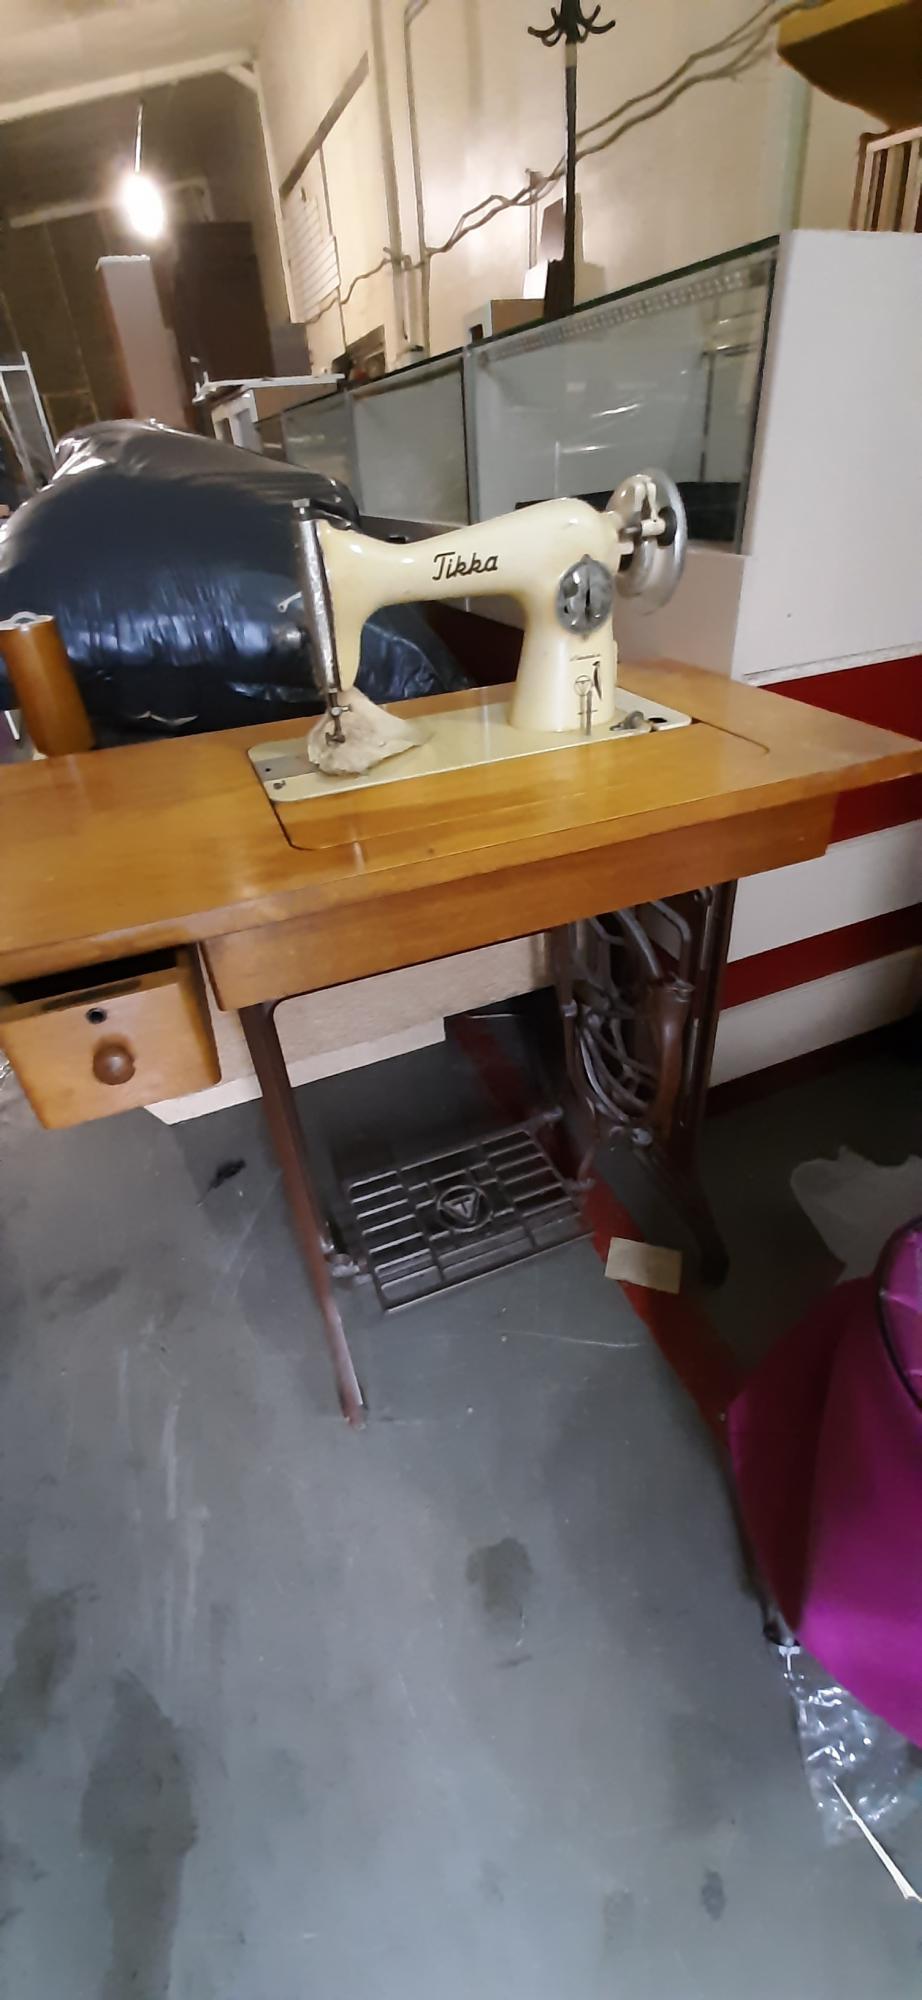 Швейная машинка tikka в Москве 89299765583 купить 1